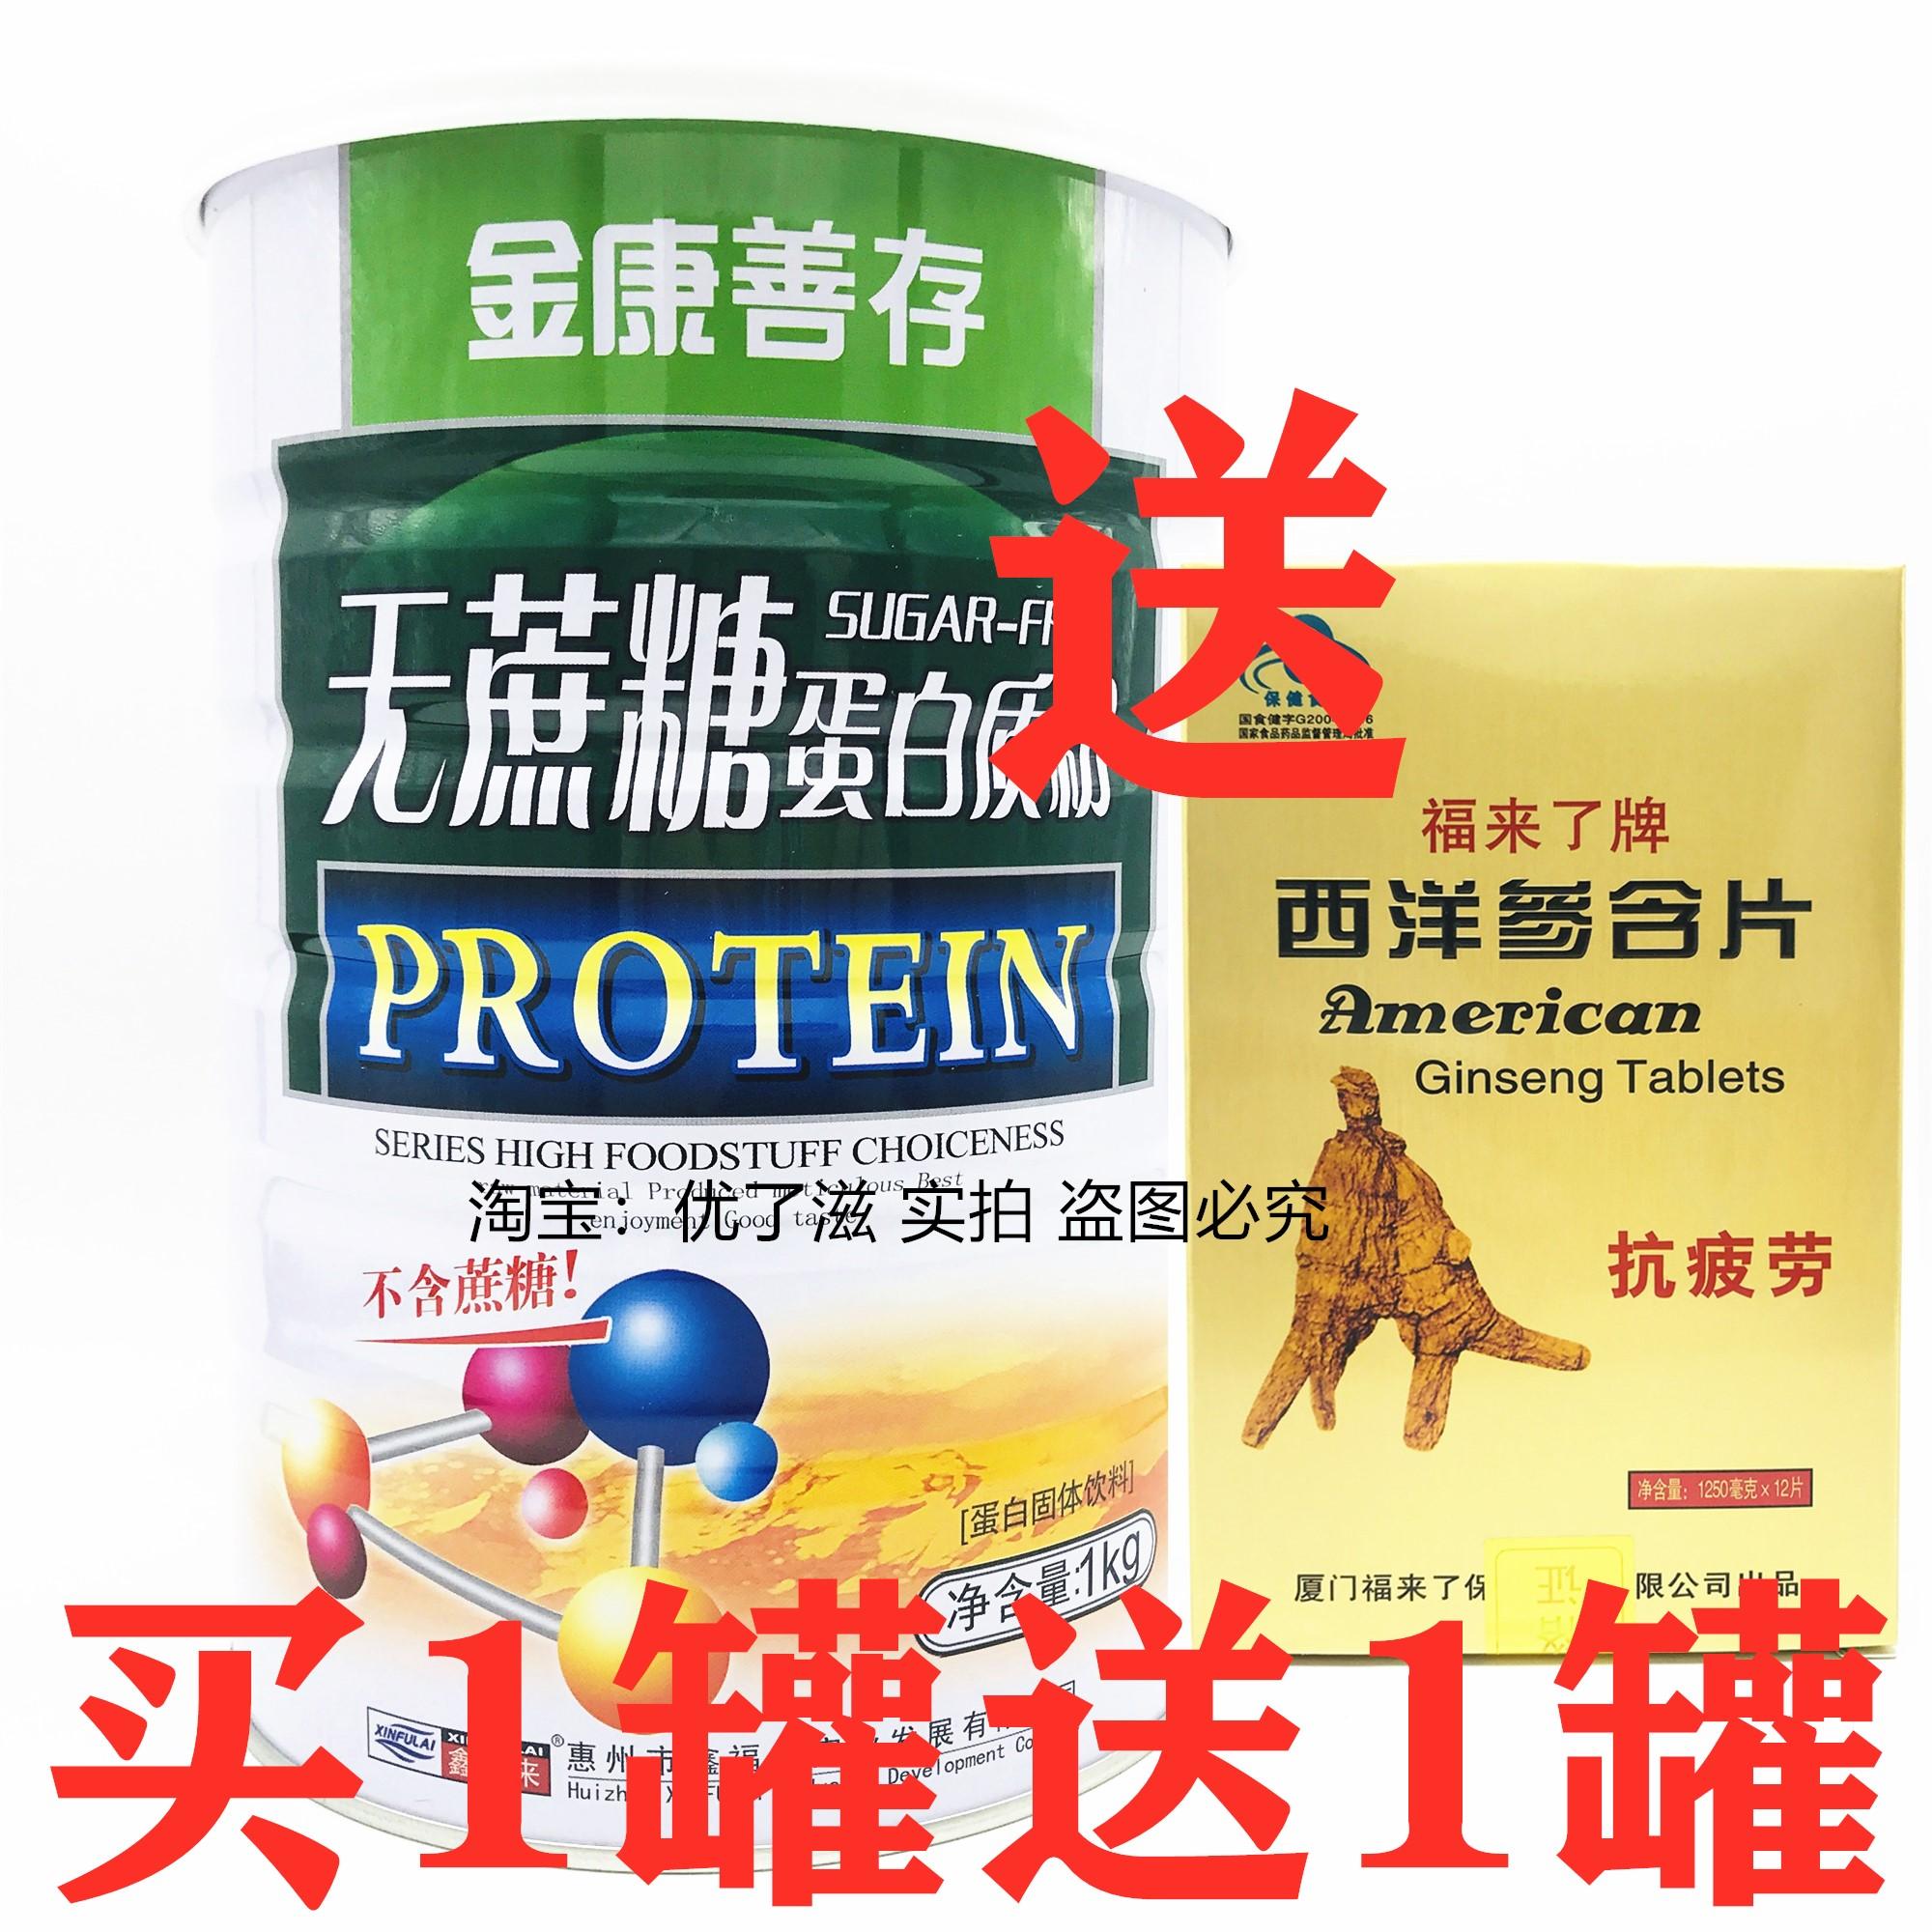 1000克×2罐+送西洋参  鑫福来金康善存无糖蛋白质粉营养无蔗糖